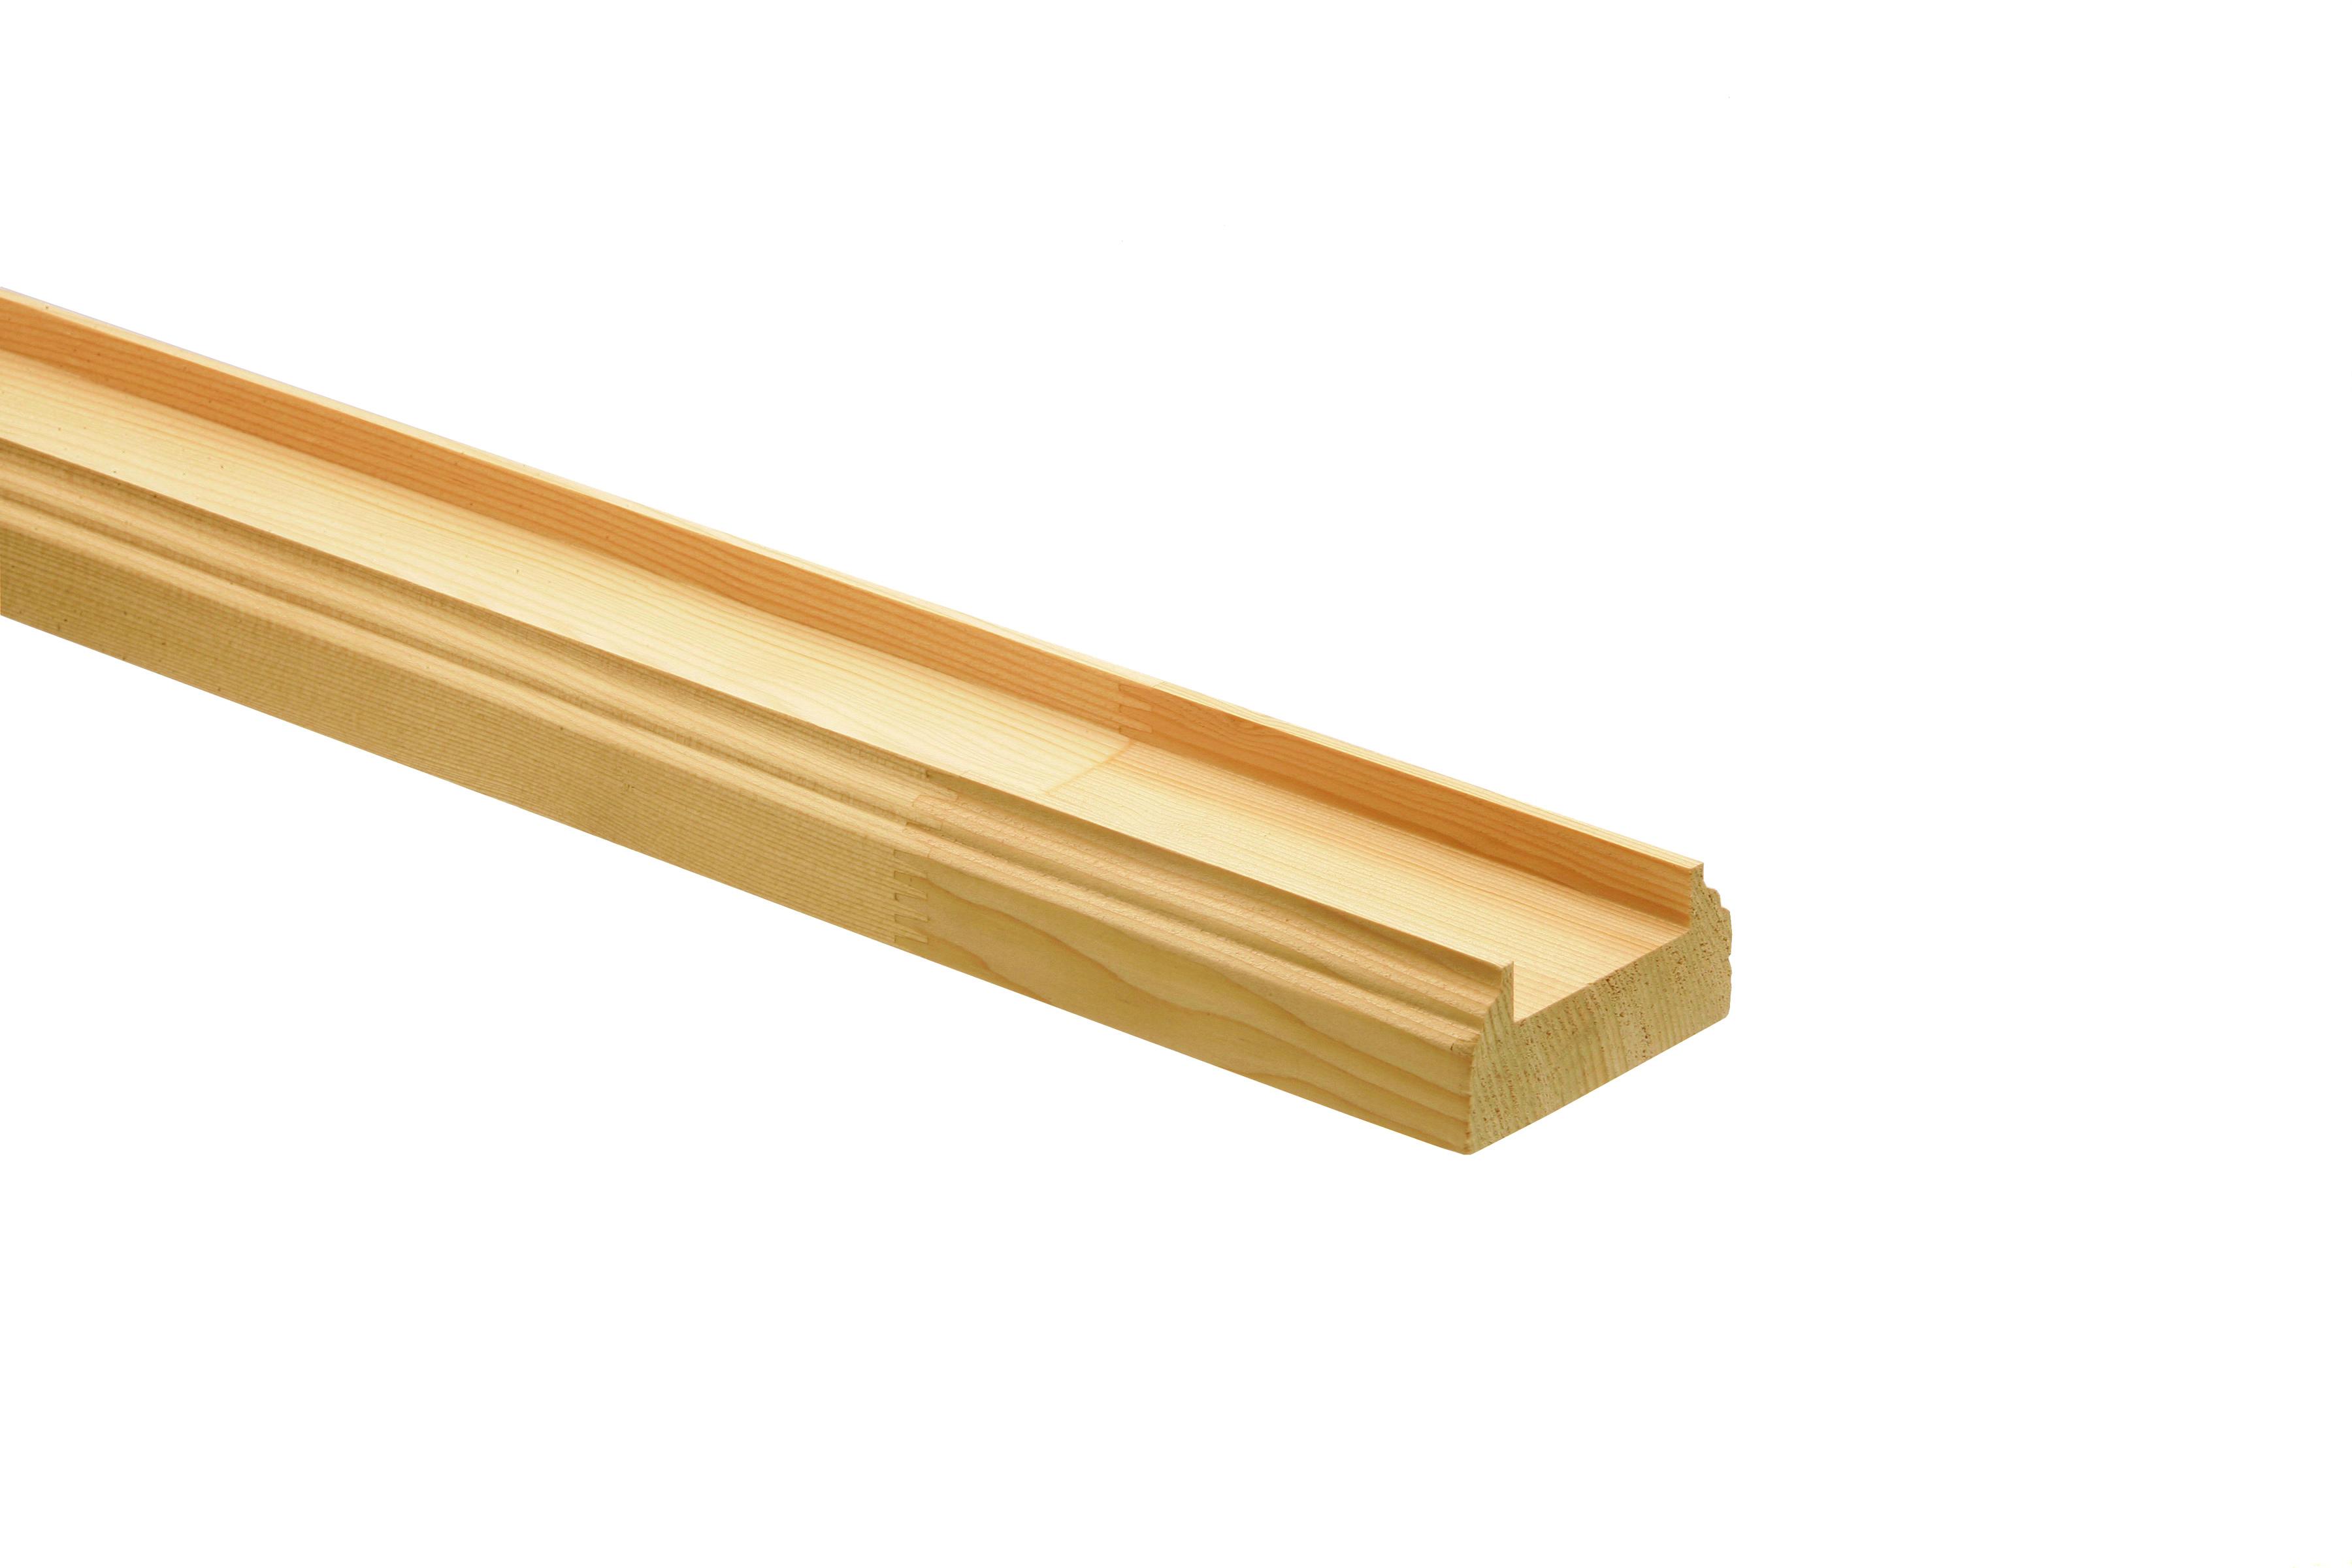 1 Hemlock Baserail 2400 32